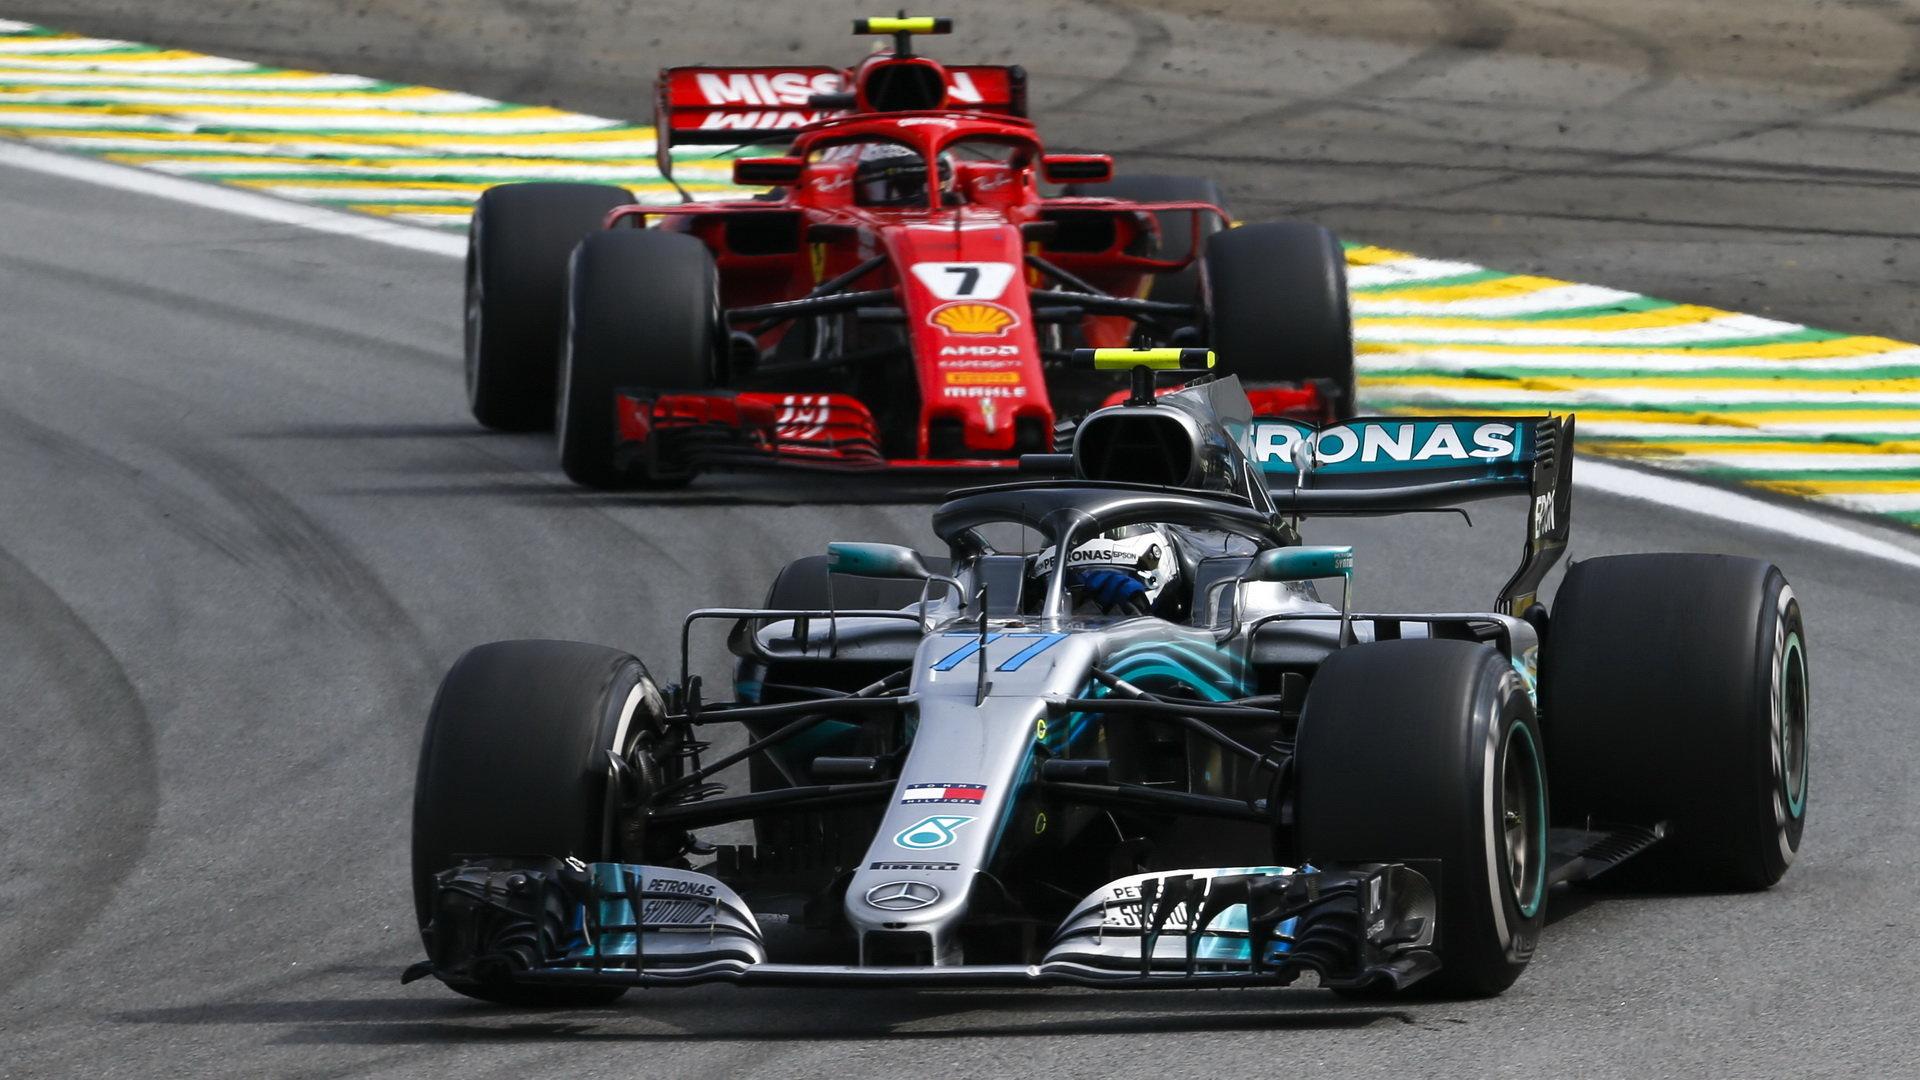 Ferrari svůj souboj s Mercedesem loni opět prohrálo, přicházejí změny